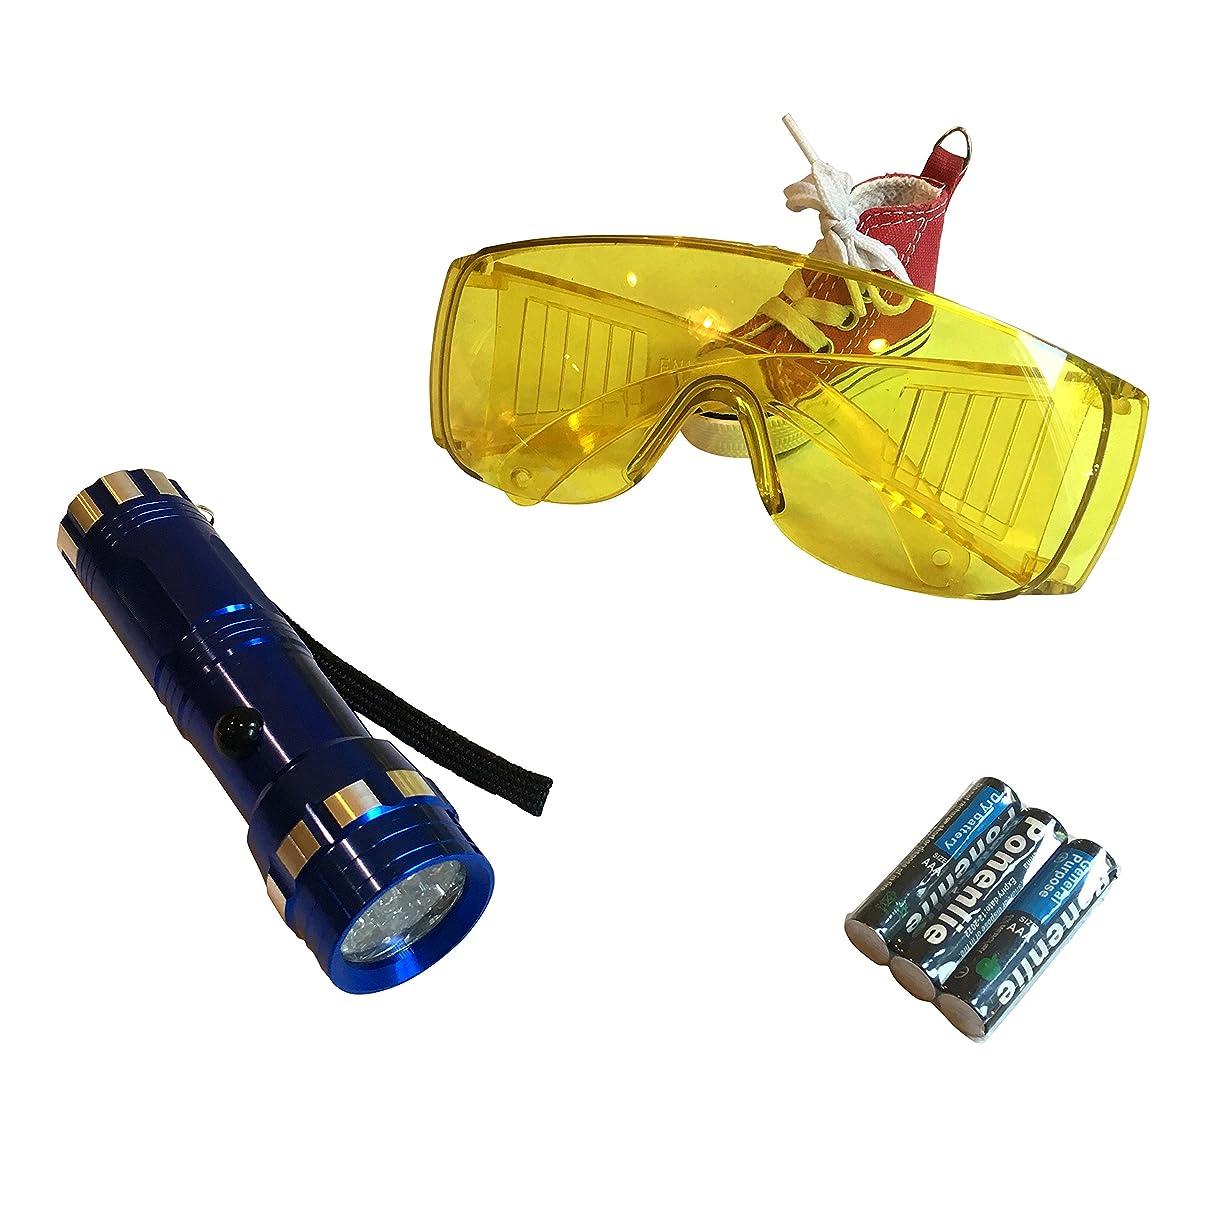 生息地着実に警察署〈HOTEISON〉カーエアコン エアコン ガス漏れ 検知 セット UVライト ゴーグル 単4電池付き